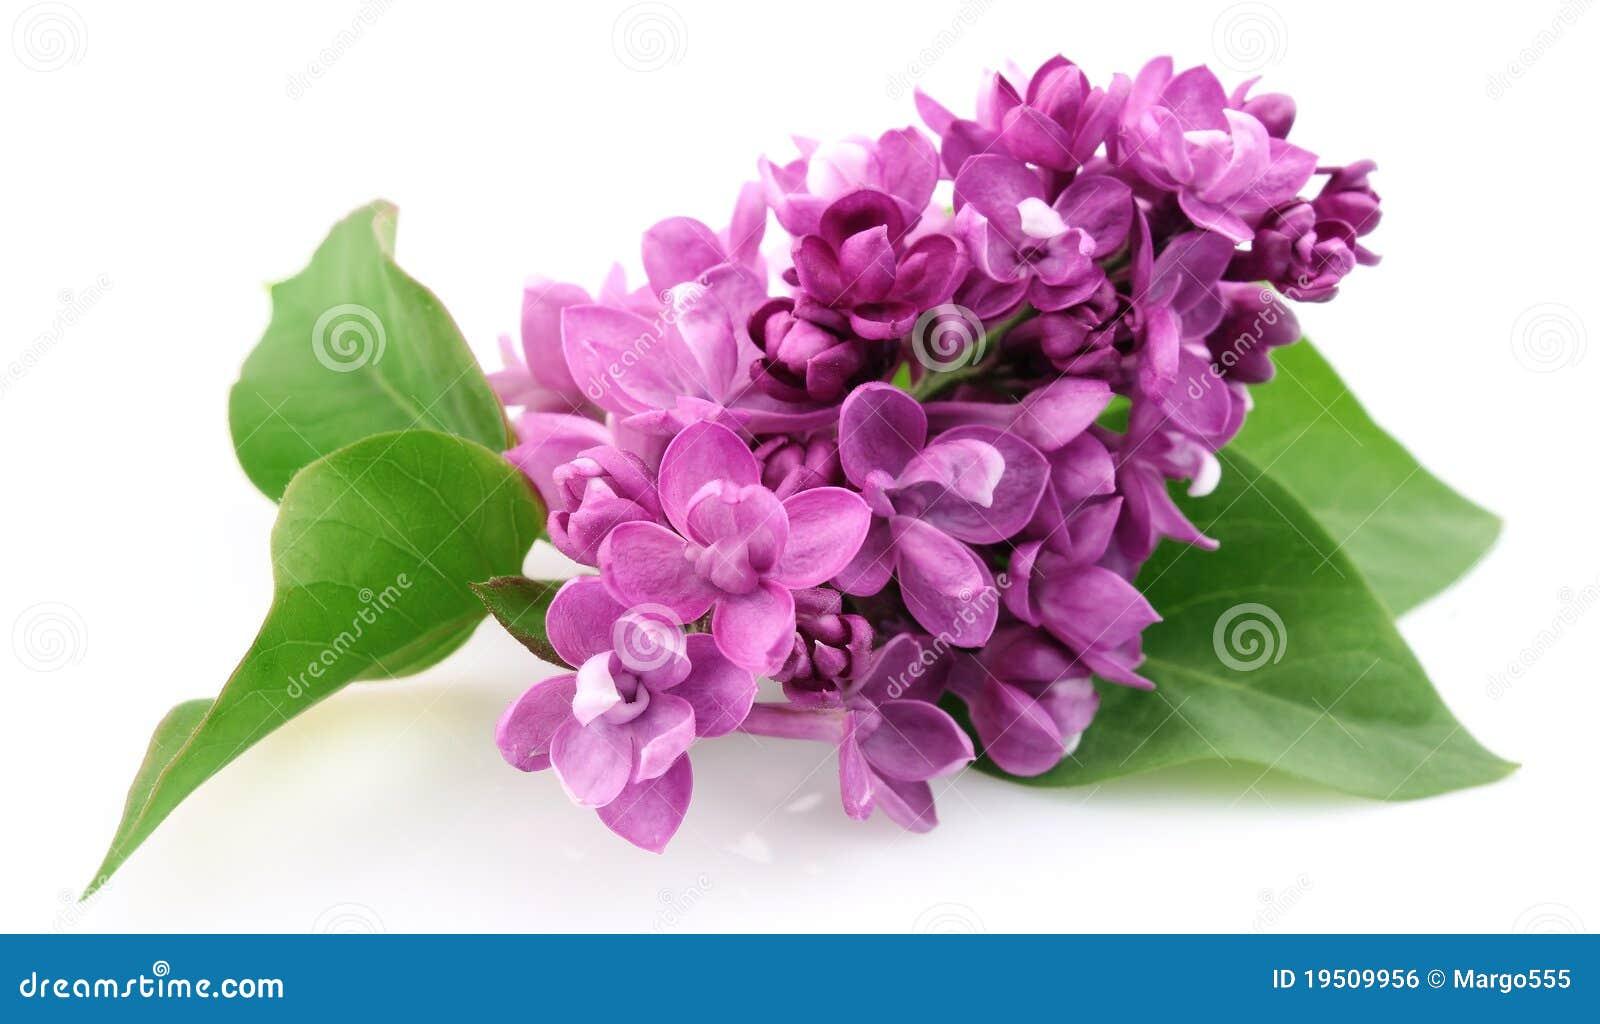 Flor do lilac da mola